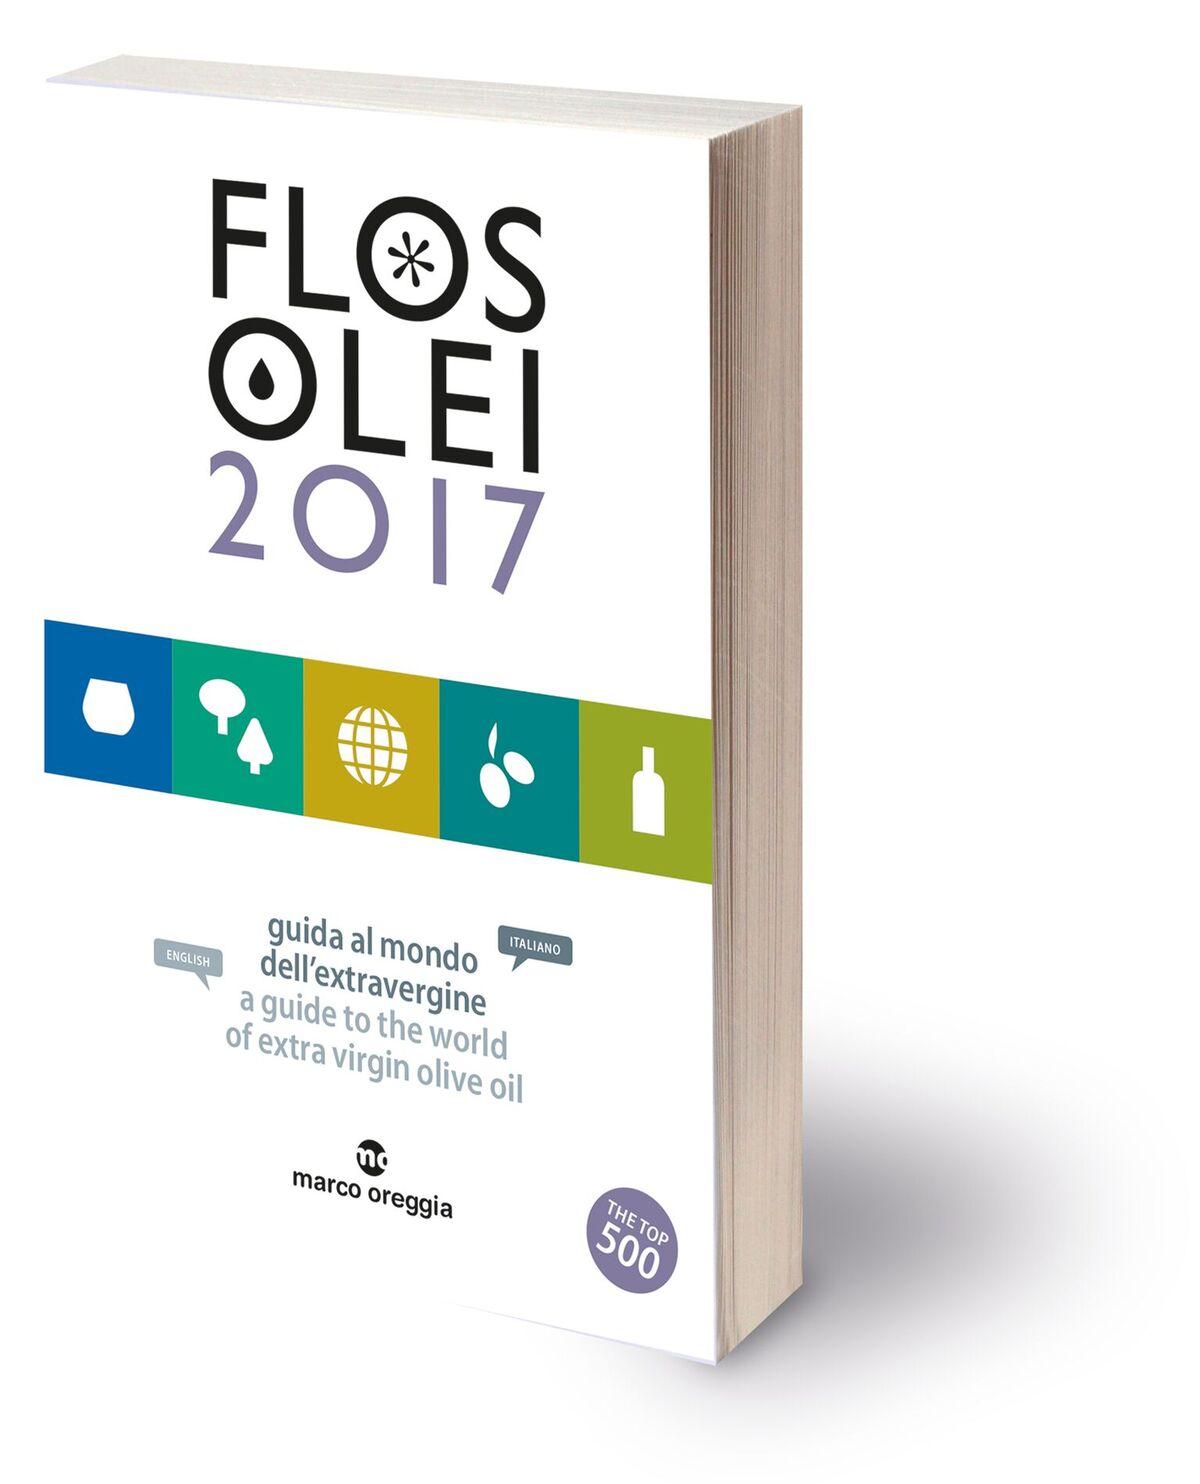 flos4